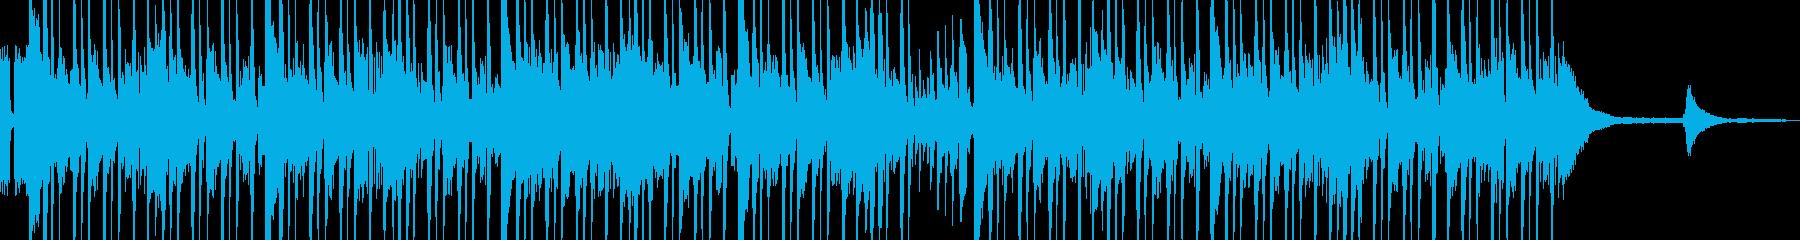 「エンターザドラゴンミーツウォッシ...の再生済みの波形